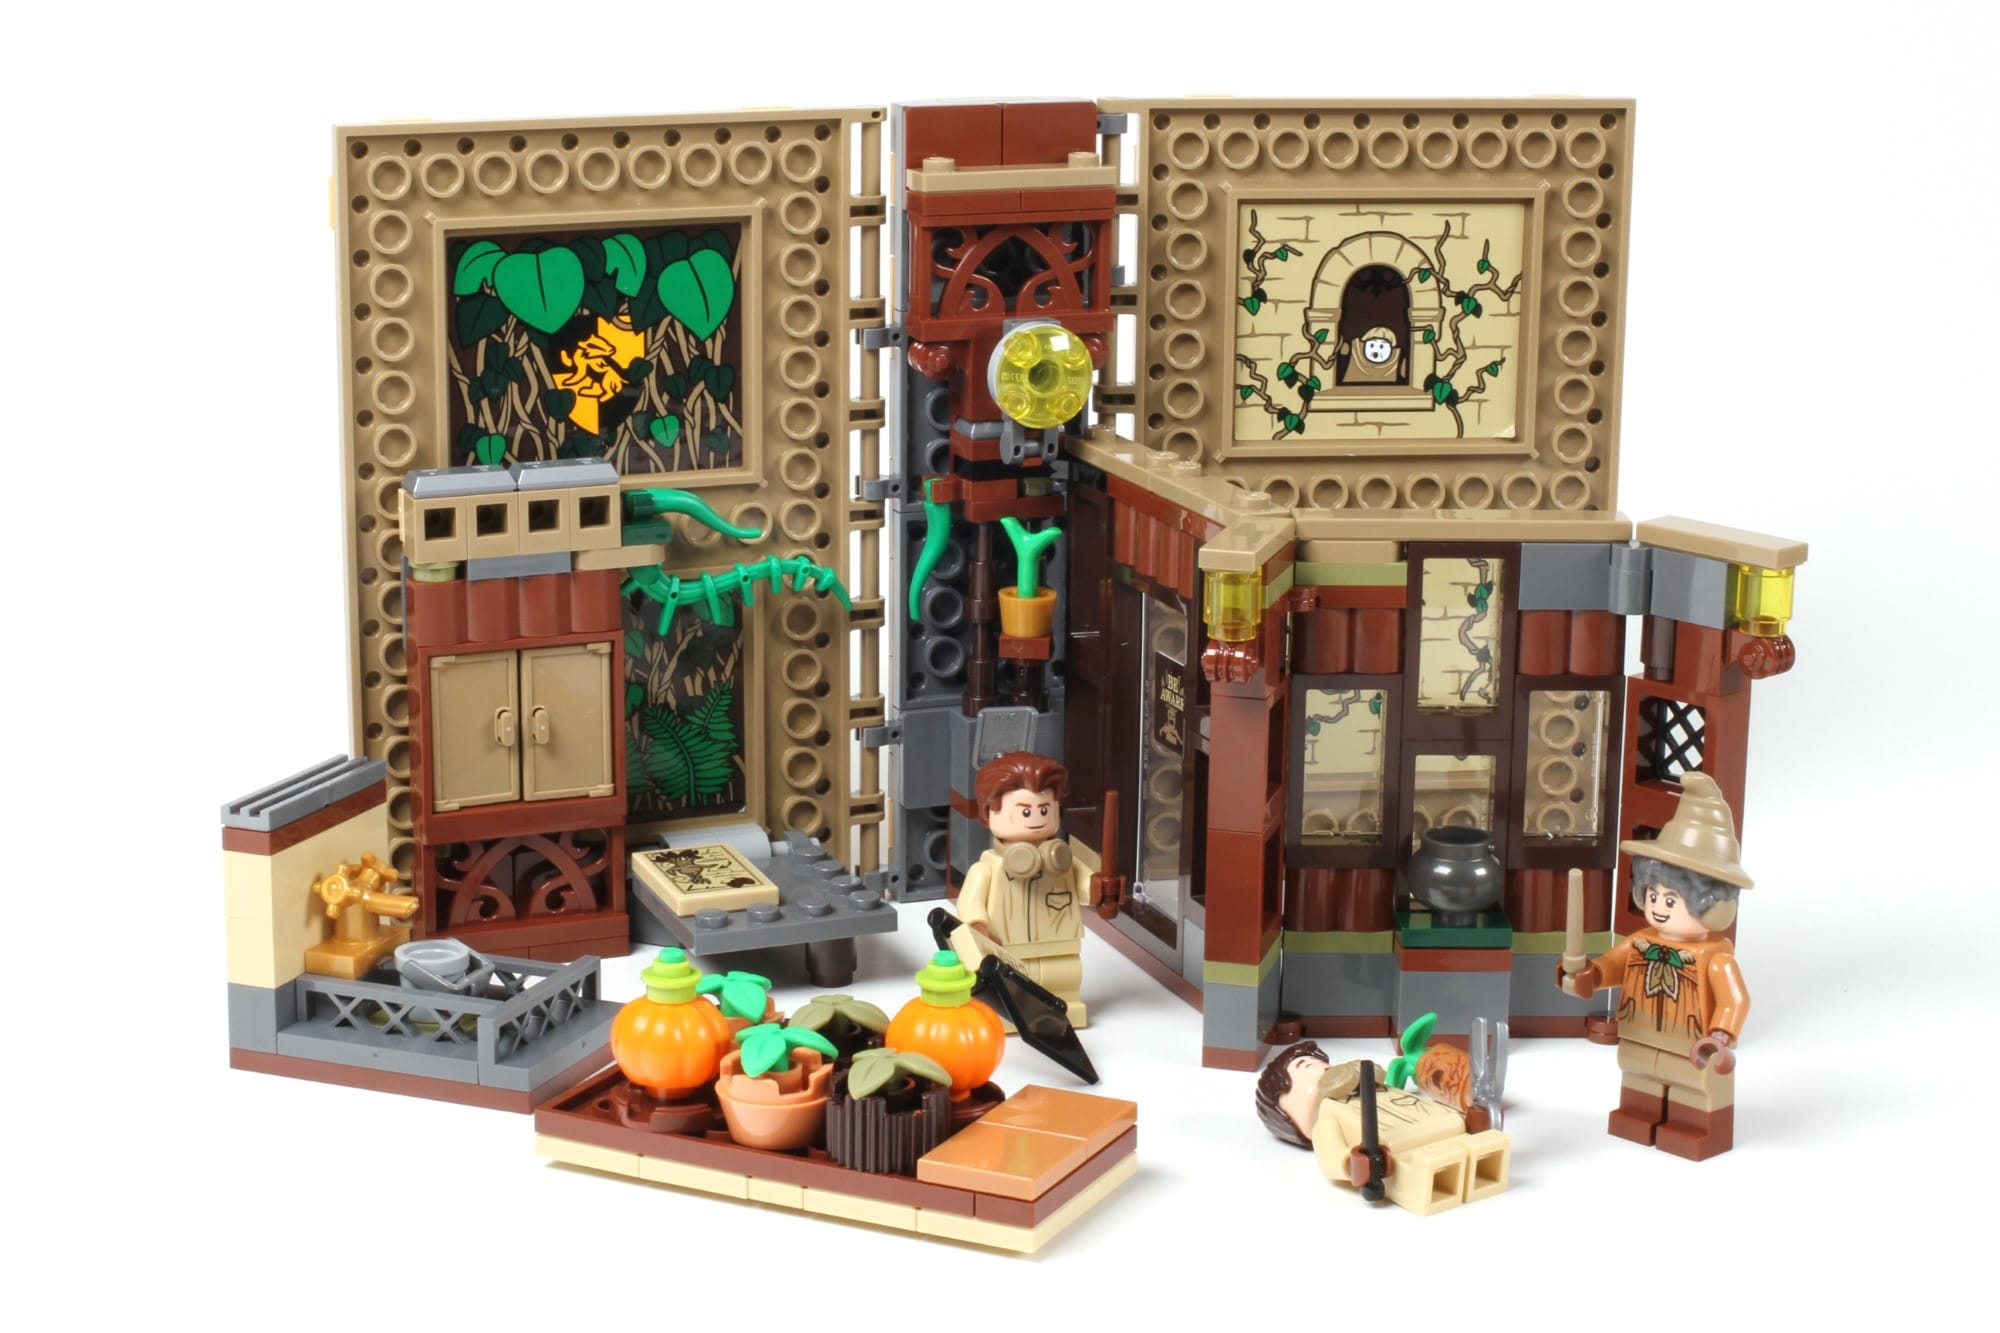 LEGO Harry Potter 76384 Hogwarts Moment Kräuterkundeunterricht Augfgeklappt 2